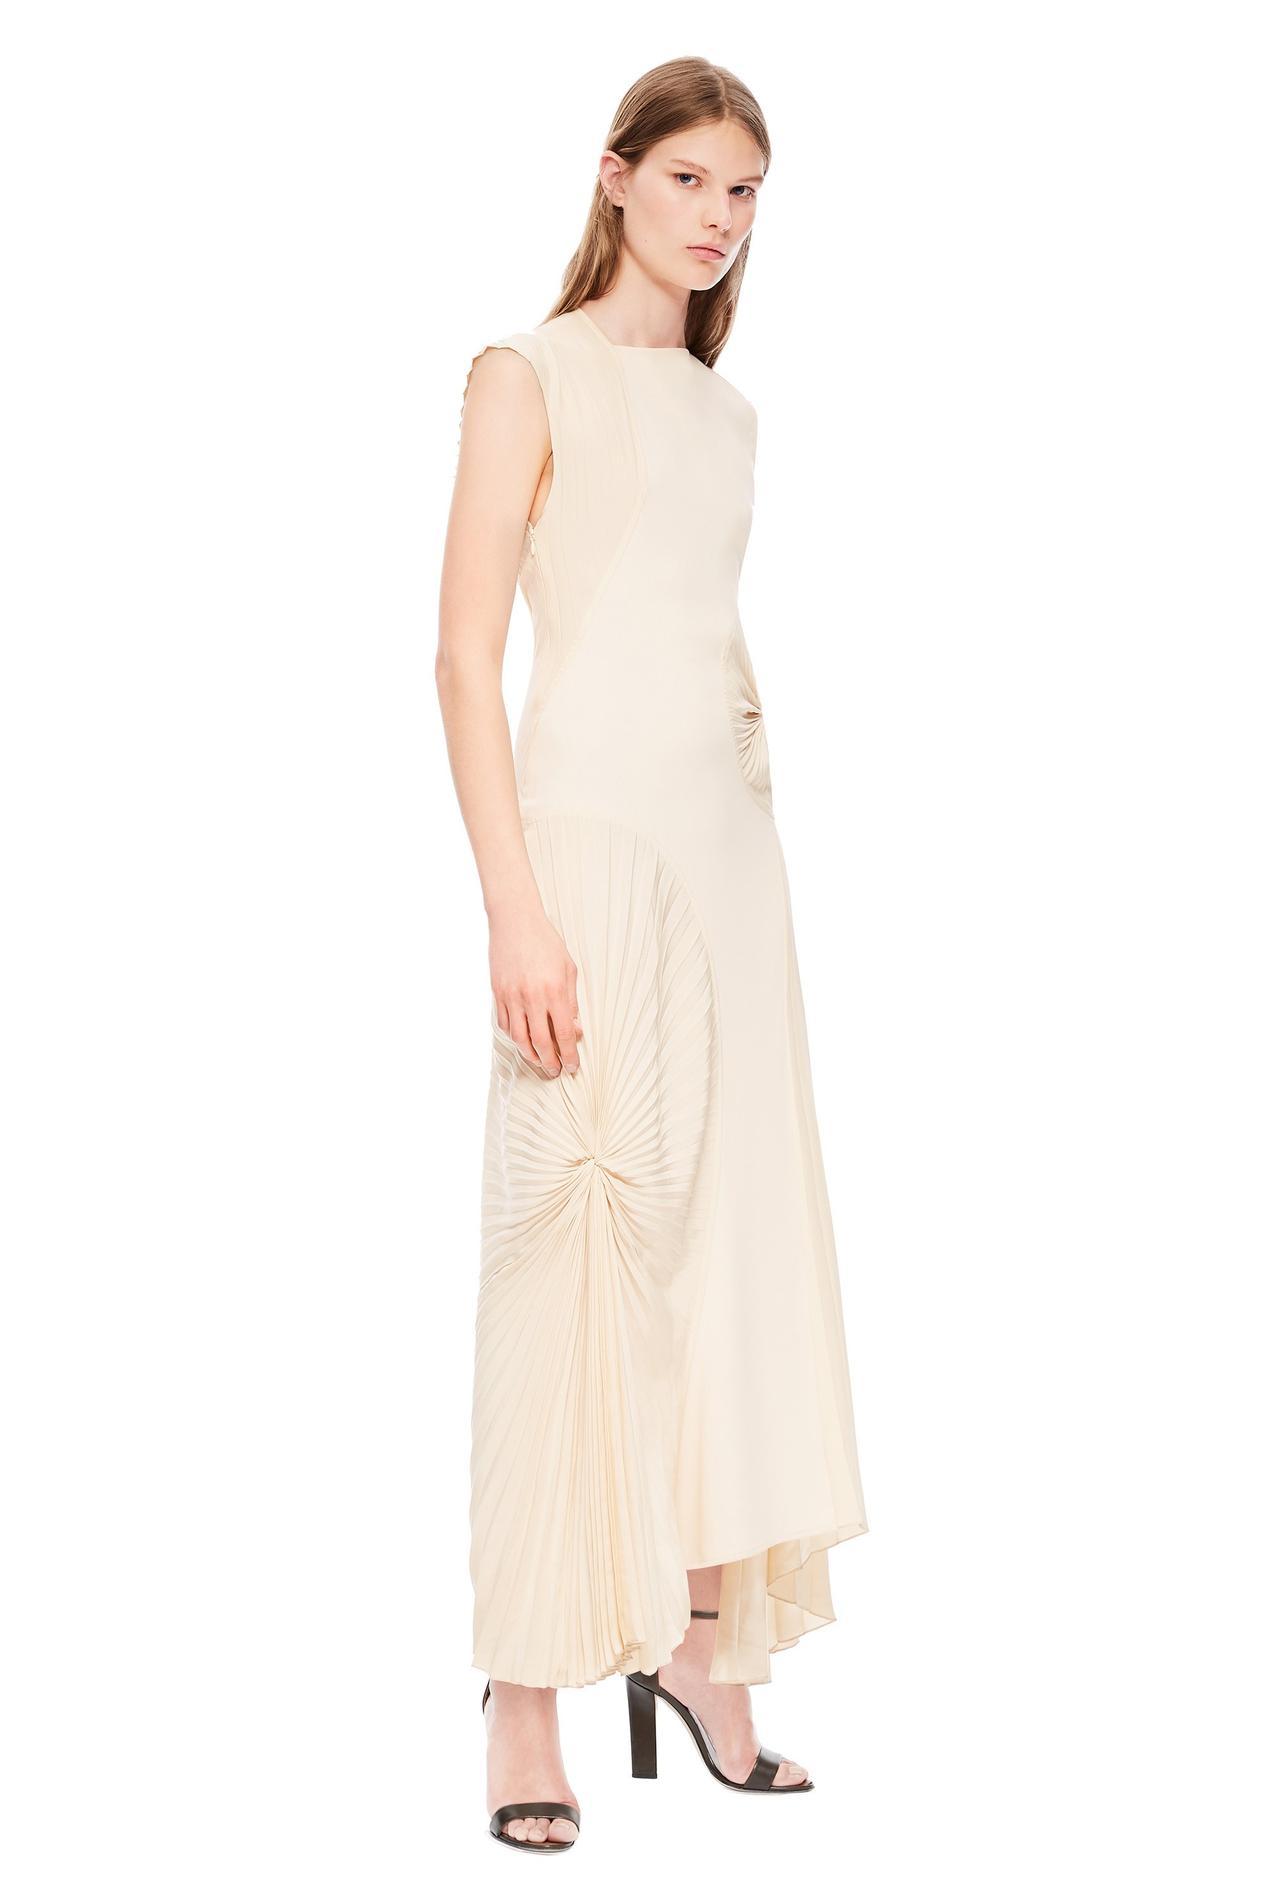 ... Ces robes de mariée qui n en sont pas - Front Row Shop Ces robes de  mariée qui n en sont pas - Burberry Ces robes de mariée qui n en sont pas -  Free ... 1fab6ff7ffdf